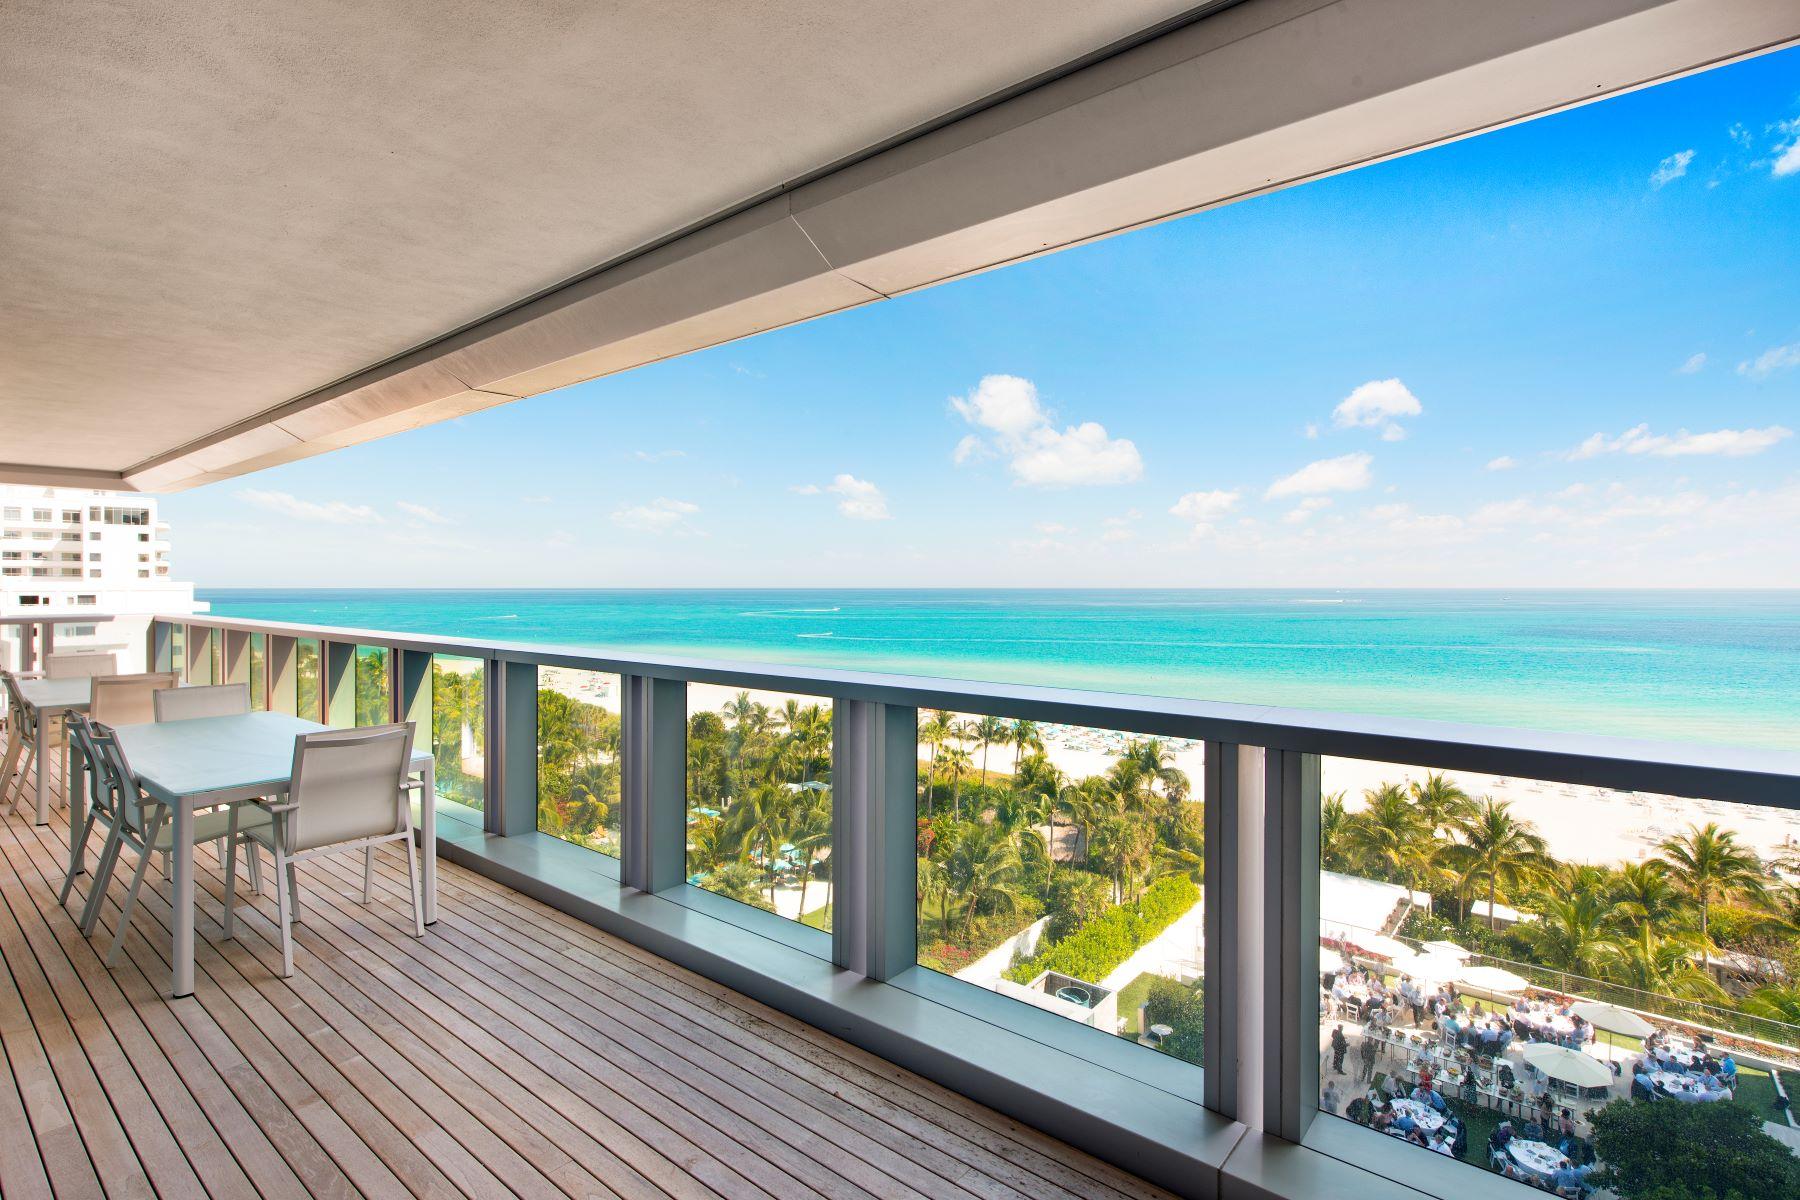 Кондоминиум для того Продажа на 2901 Collins Ave #1001 2901 Collins Ave 1001 Miami Beach, Флорида, 33140 Соединенные Штаты